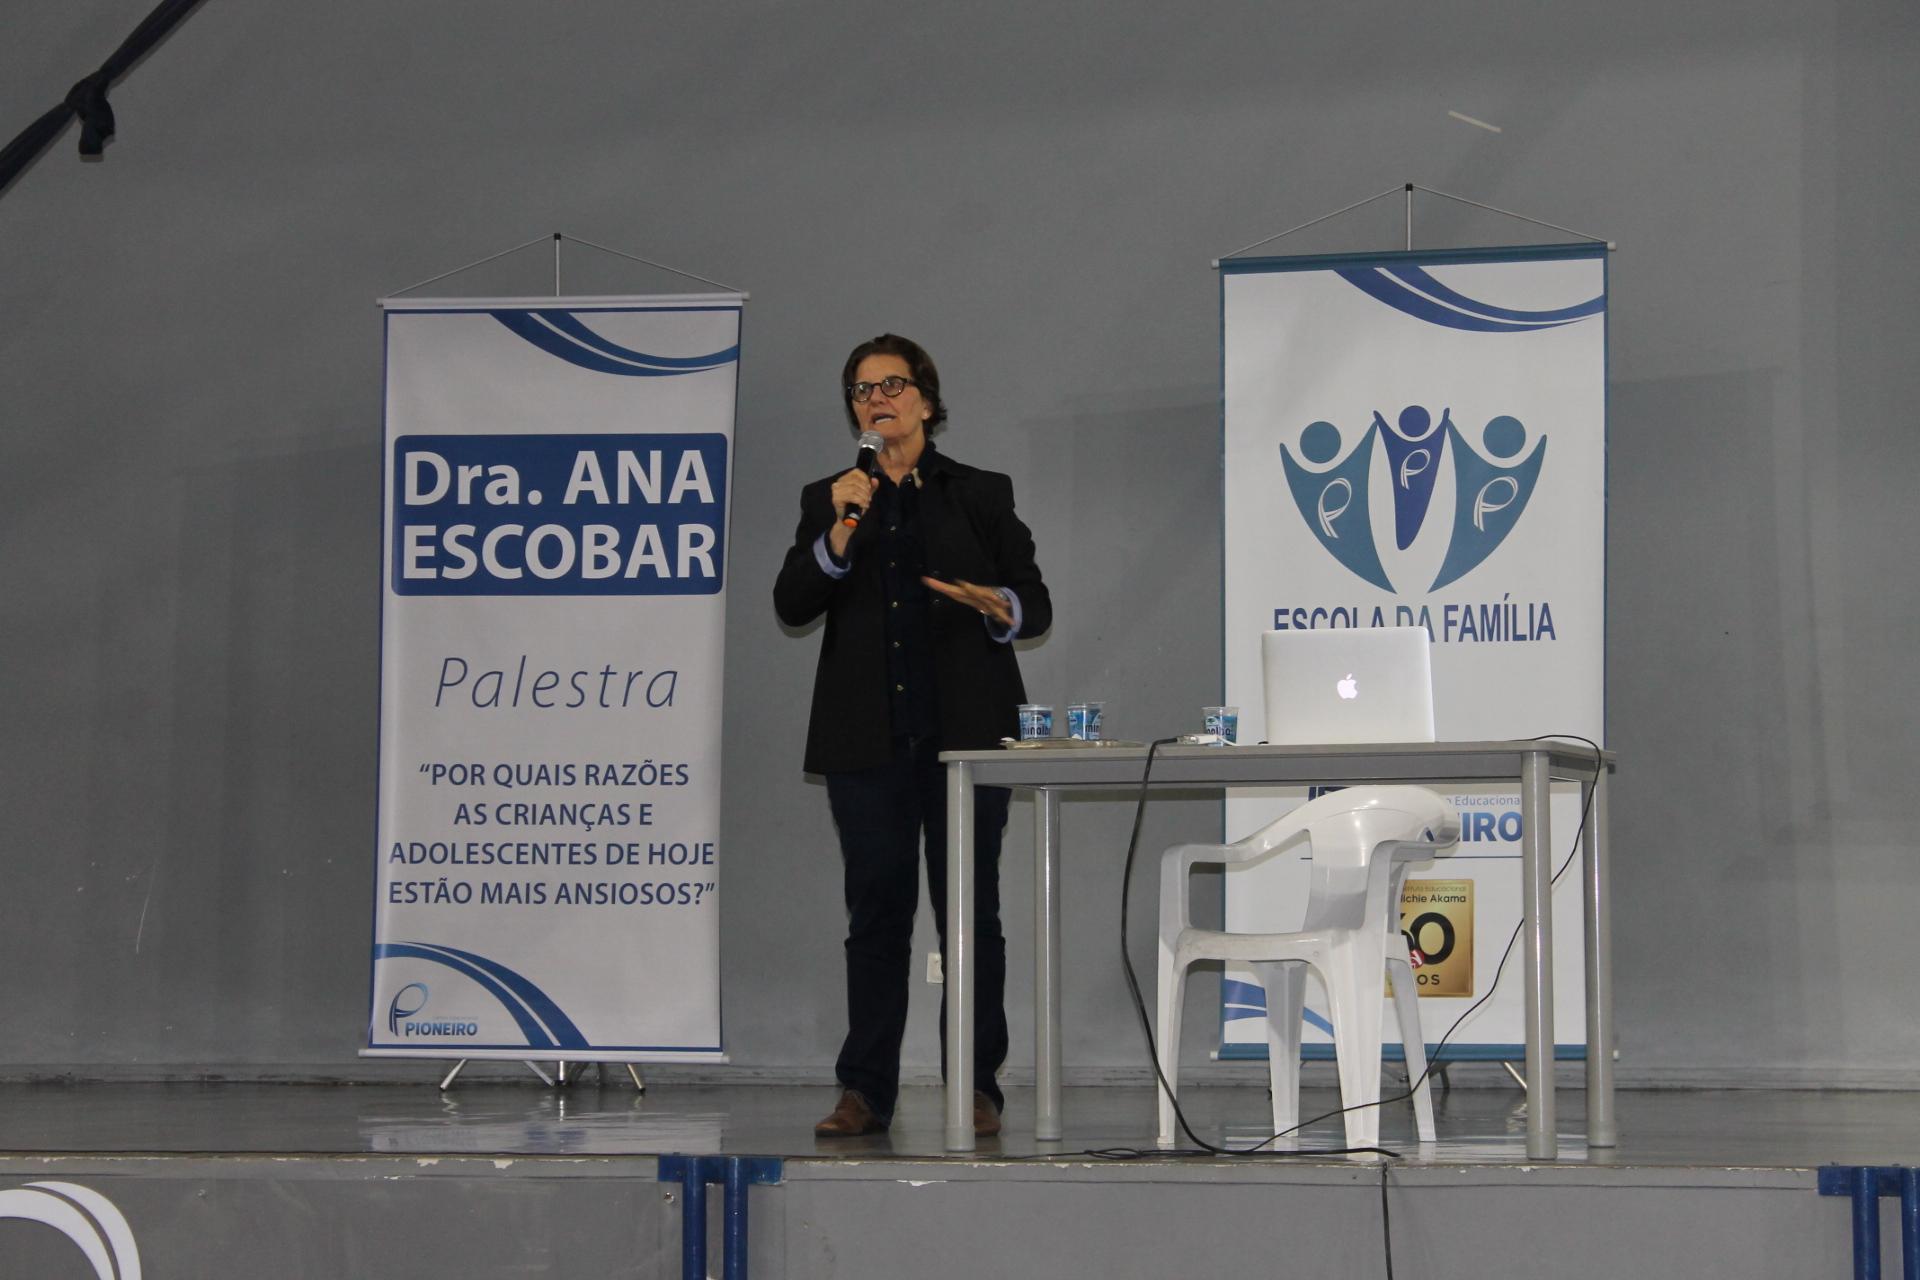 Escola da Família: Dra Ana Escobar responde perguntas sobre ansiedade